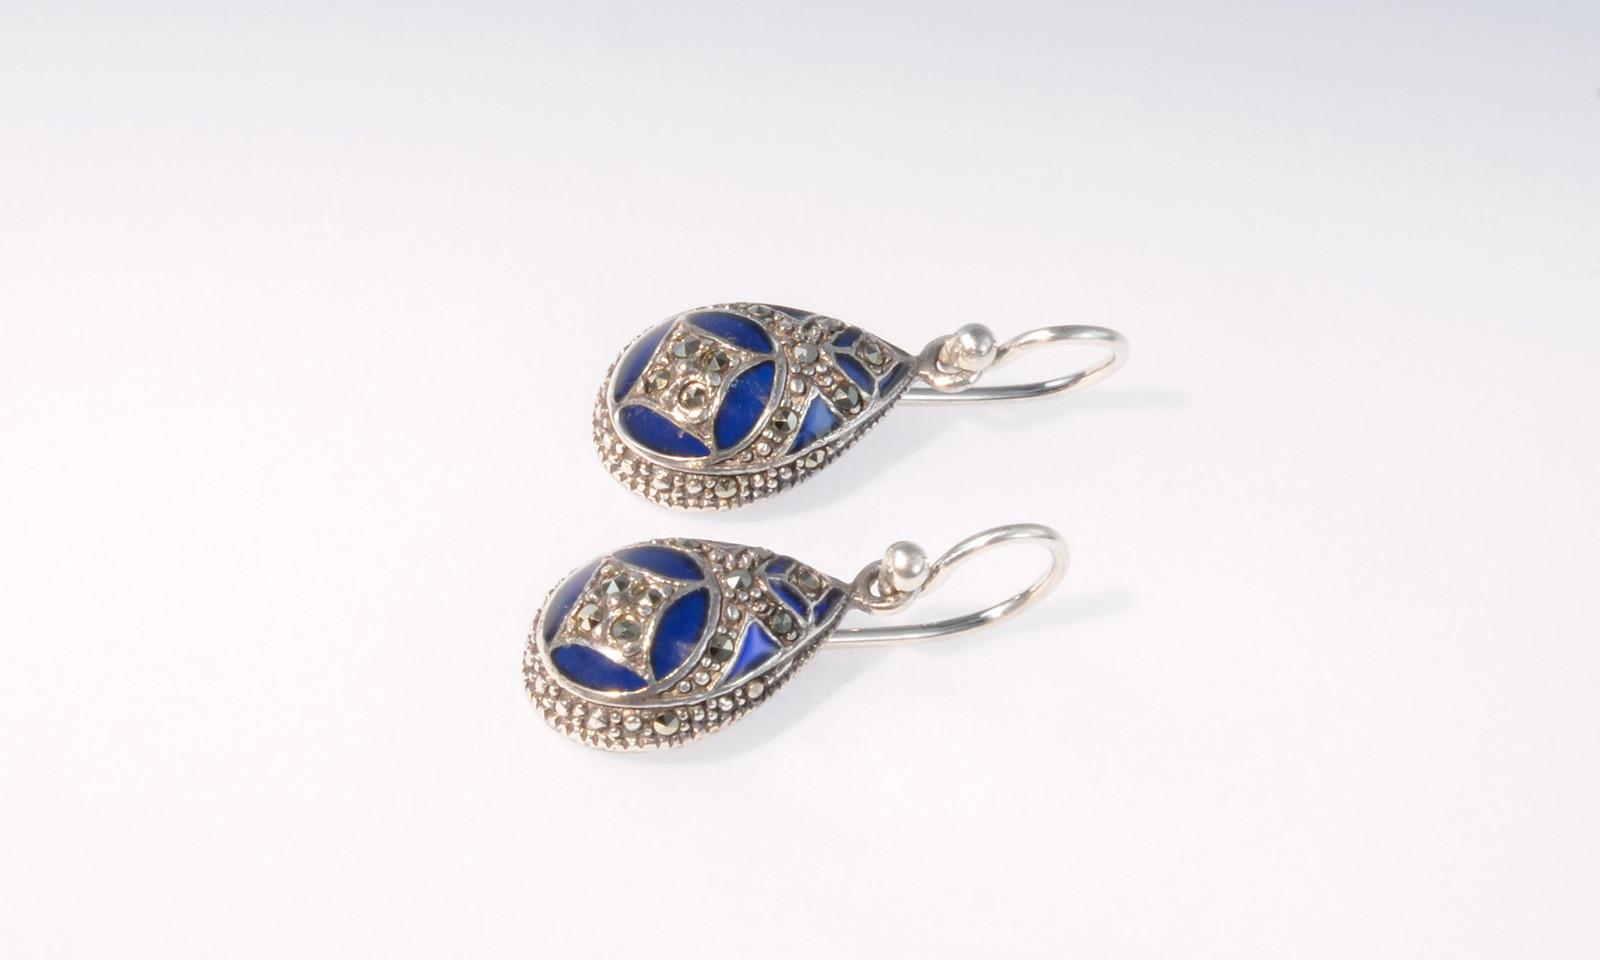 Ohrhaenger Vintage Silber. Ohrhänger Vintage, um 1970, Silber 925 mit Markasit und blauem Glas, CHF 350.-